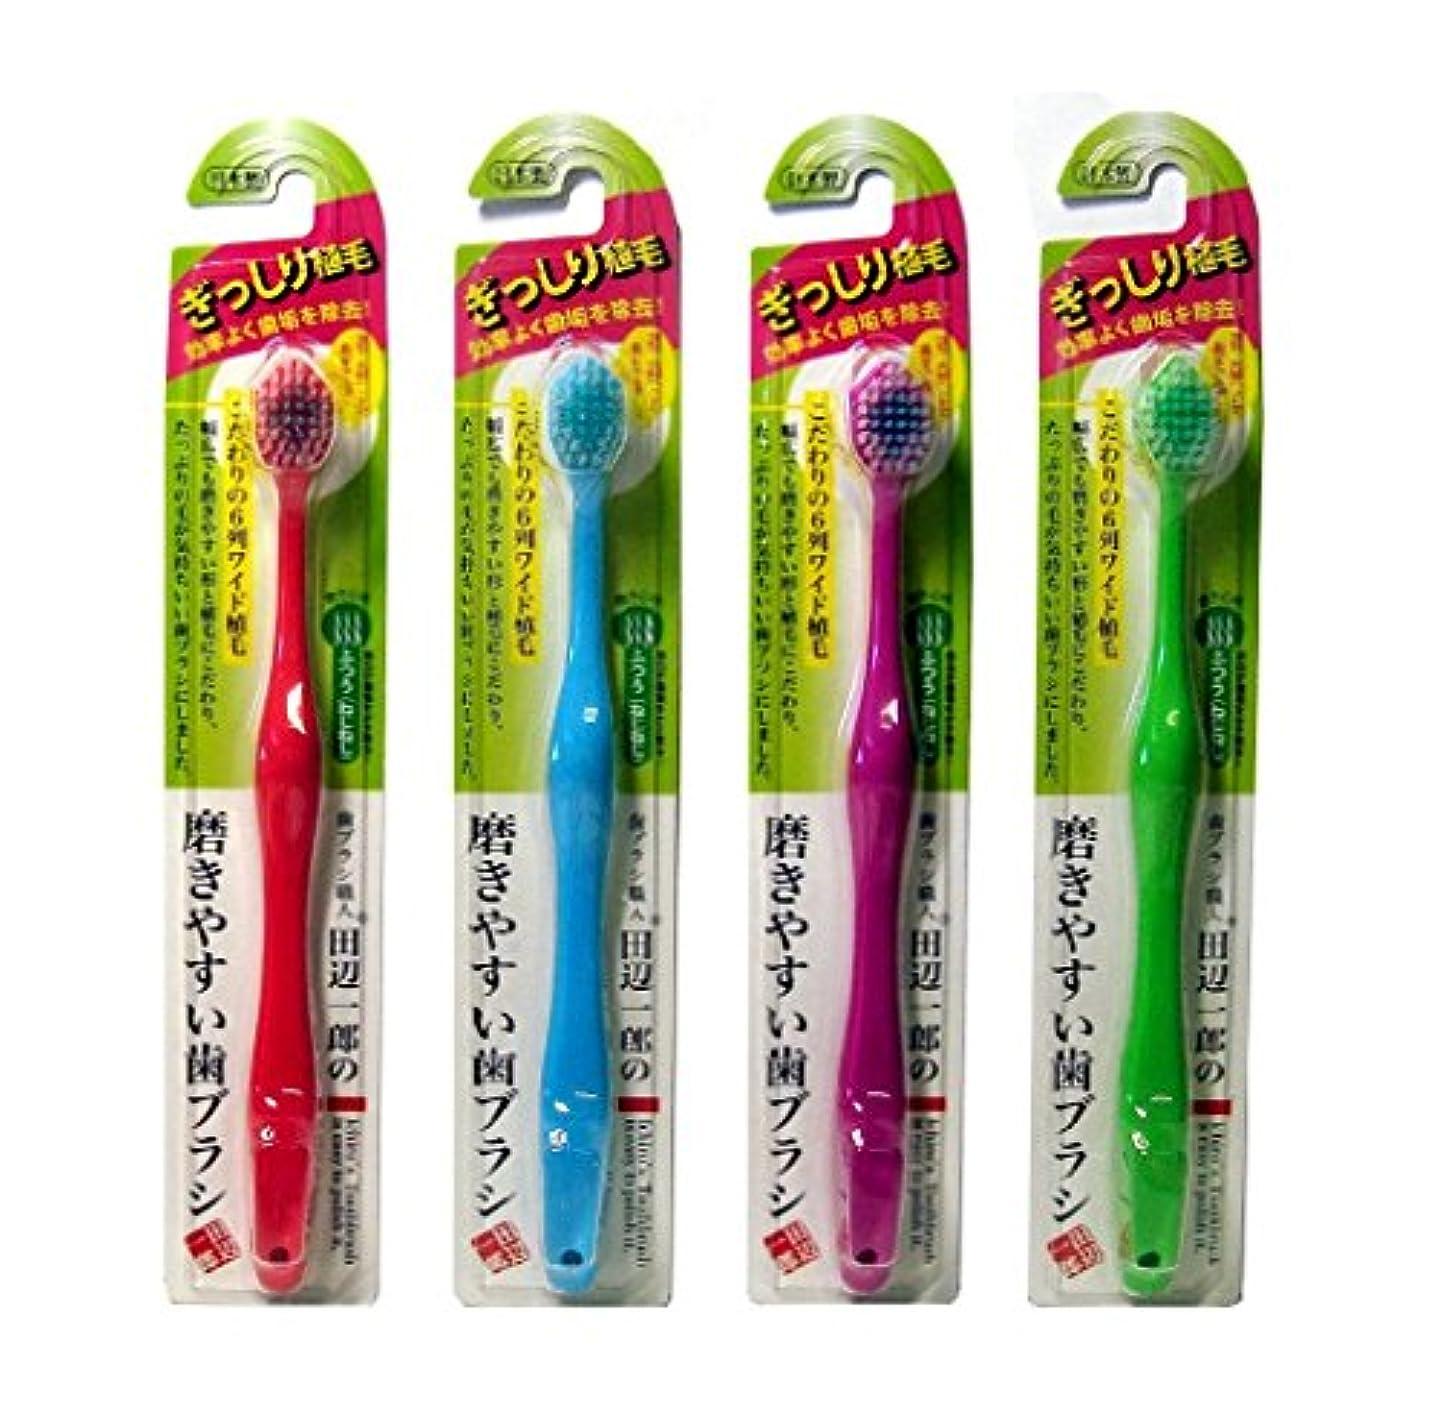 ライフレンジ 田辺一郎の磨きやすい歯ブラシ 6列ワイドタイプ ふつう(ねじねじ) LT-31 4本セット(レッド?ブルー?パープル?グリーン)